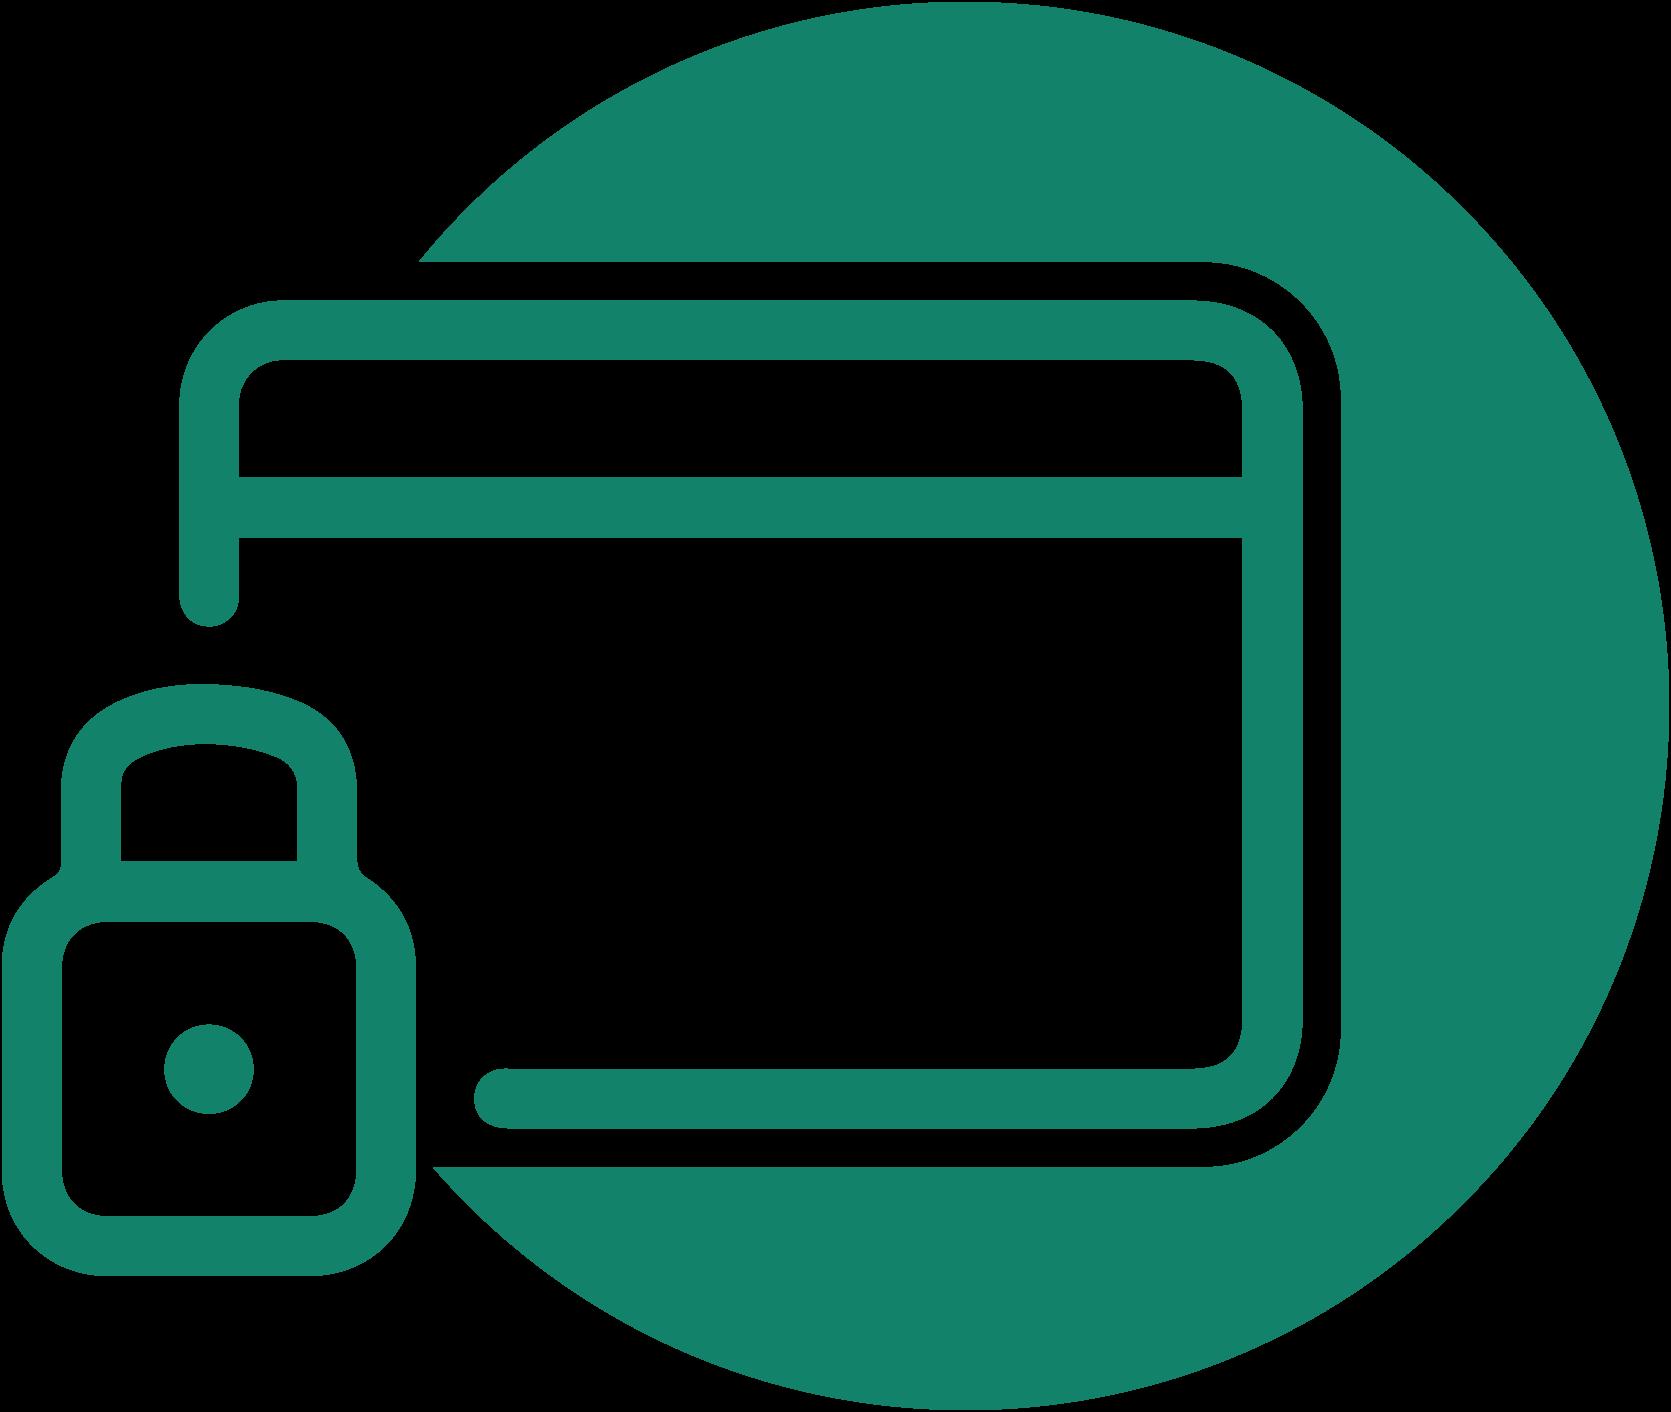 Toutes les transactions effectuées sur notre site sont sécurisées et vos informations sont cryptées grâce au protocole HTTPS.